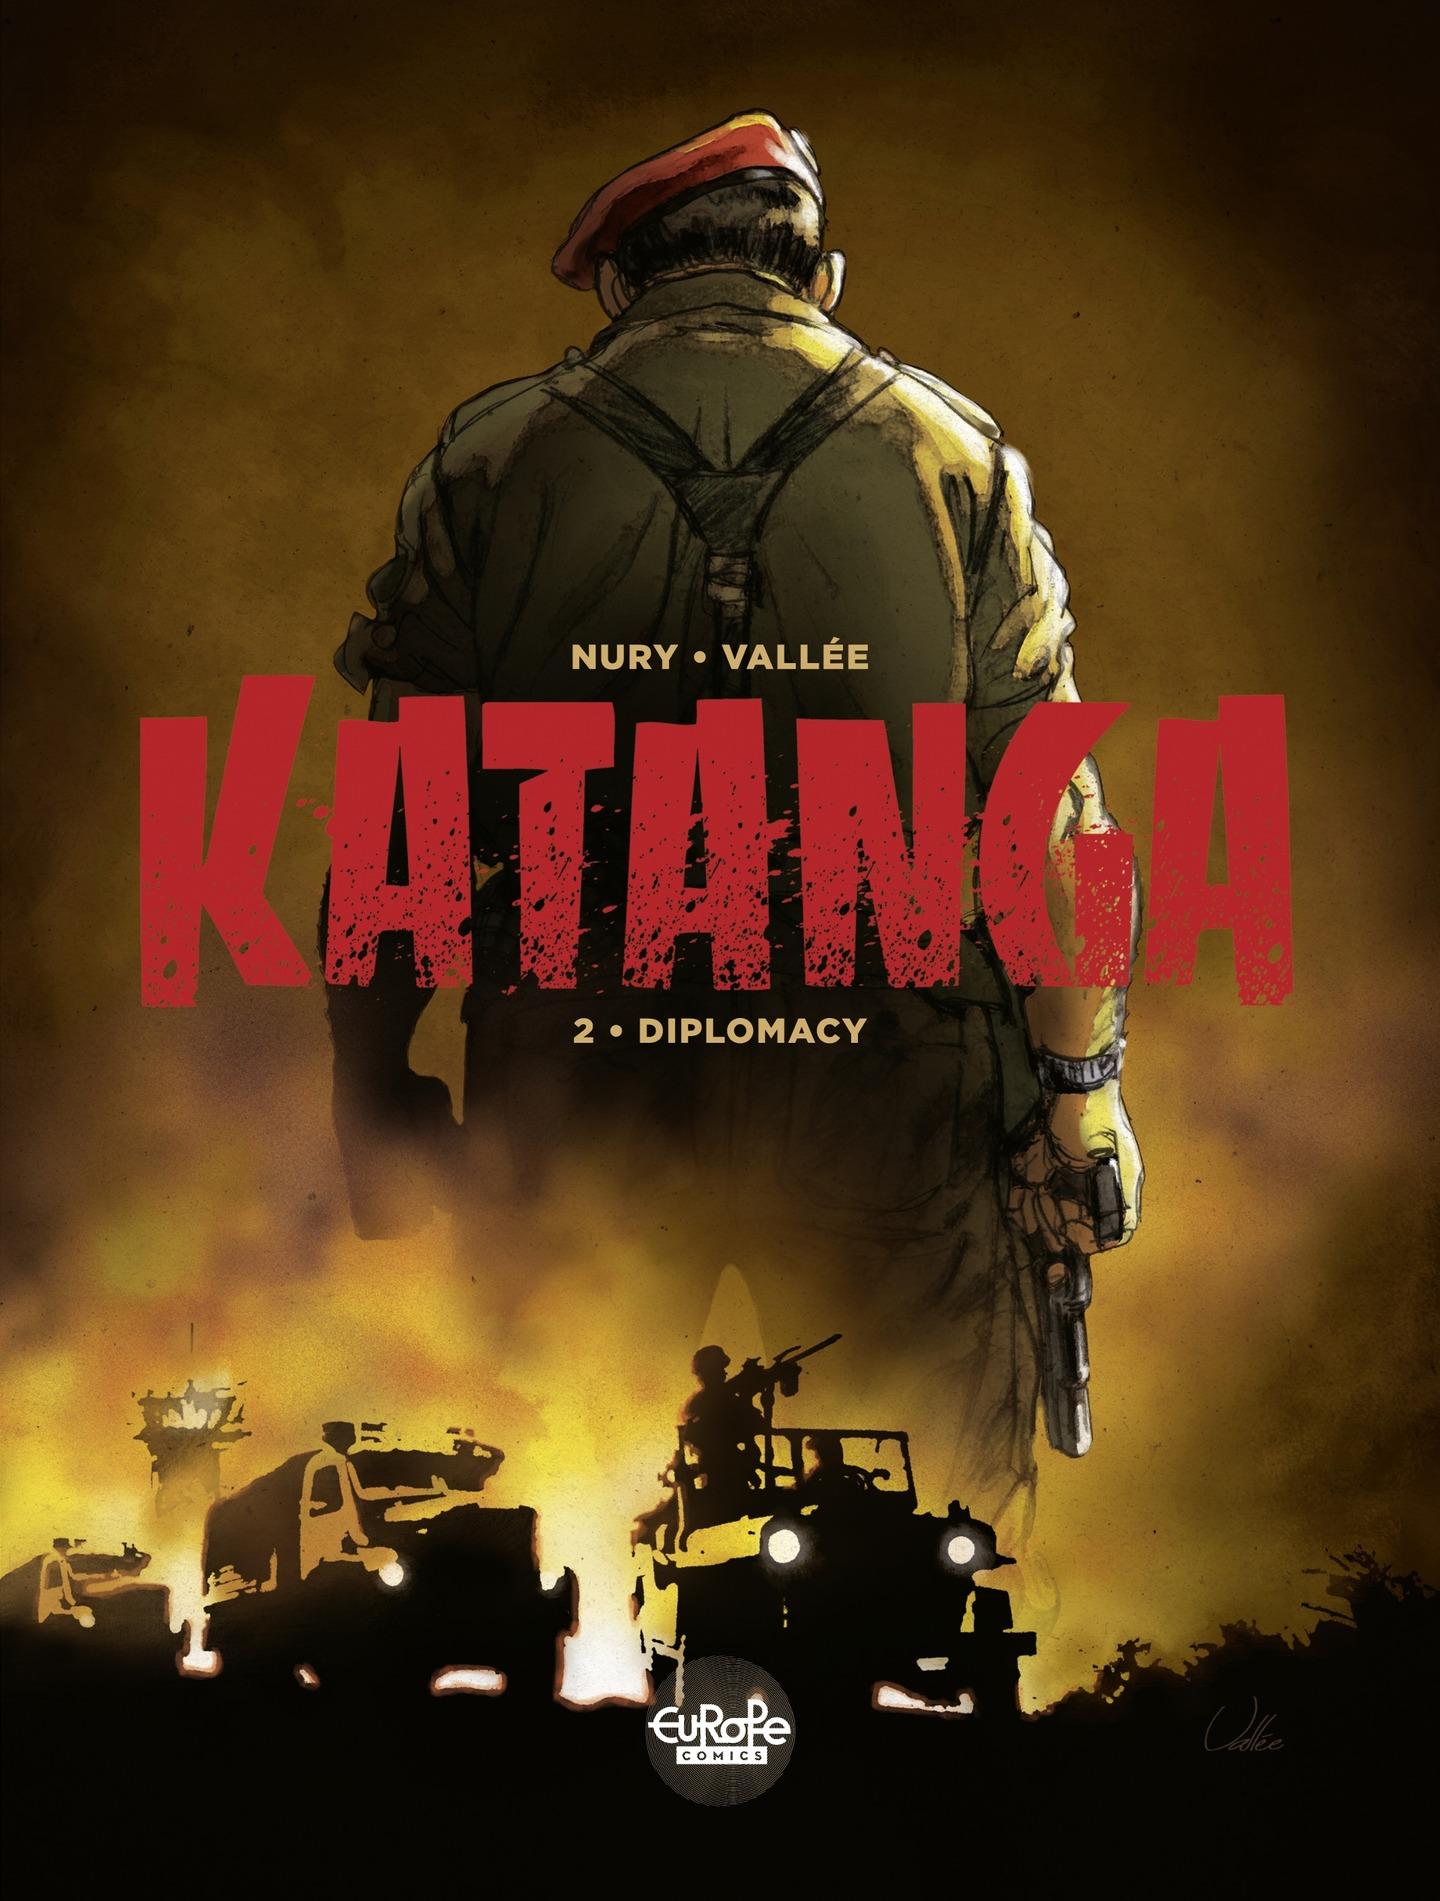 Katanga 2. Diplomacy